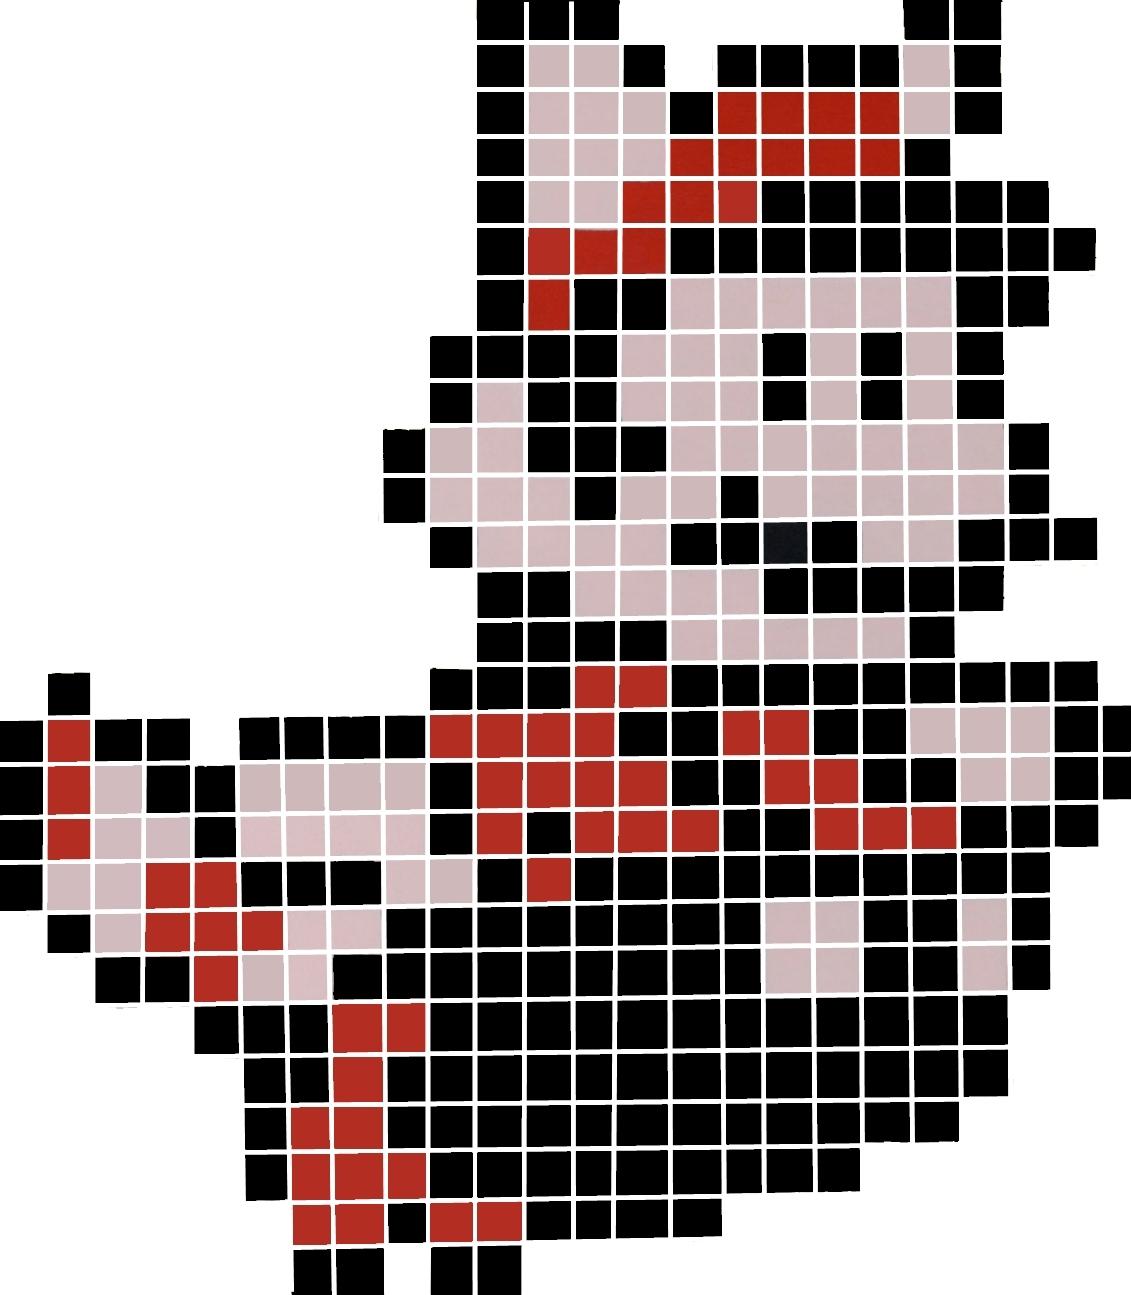 Super Mario 3 Pixel Art